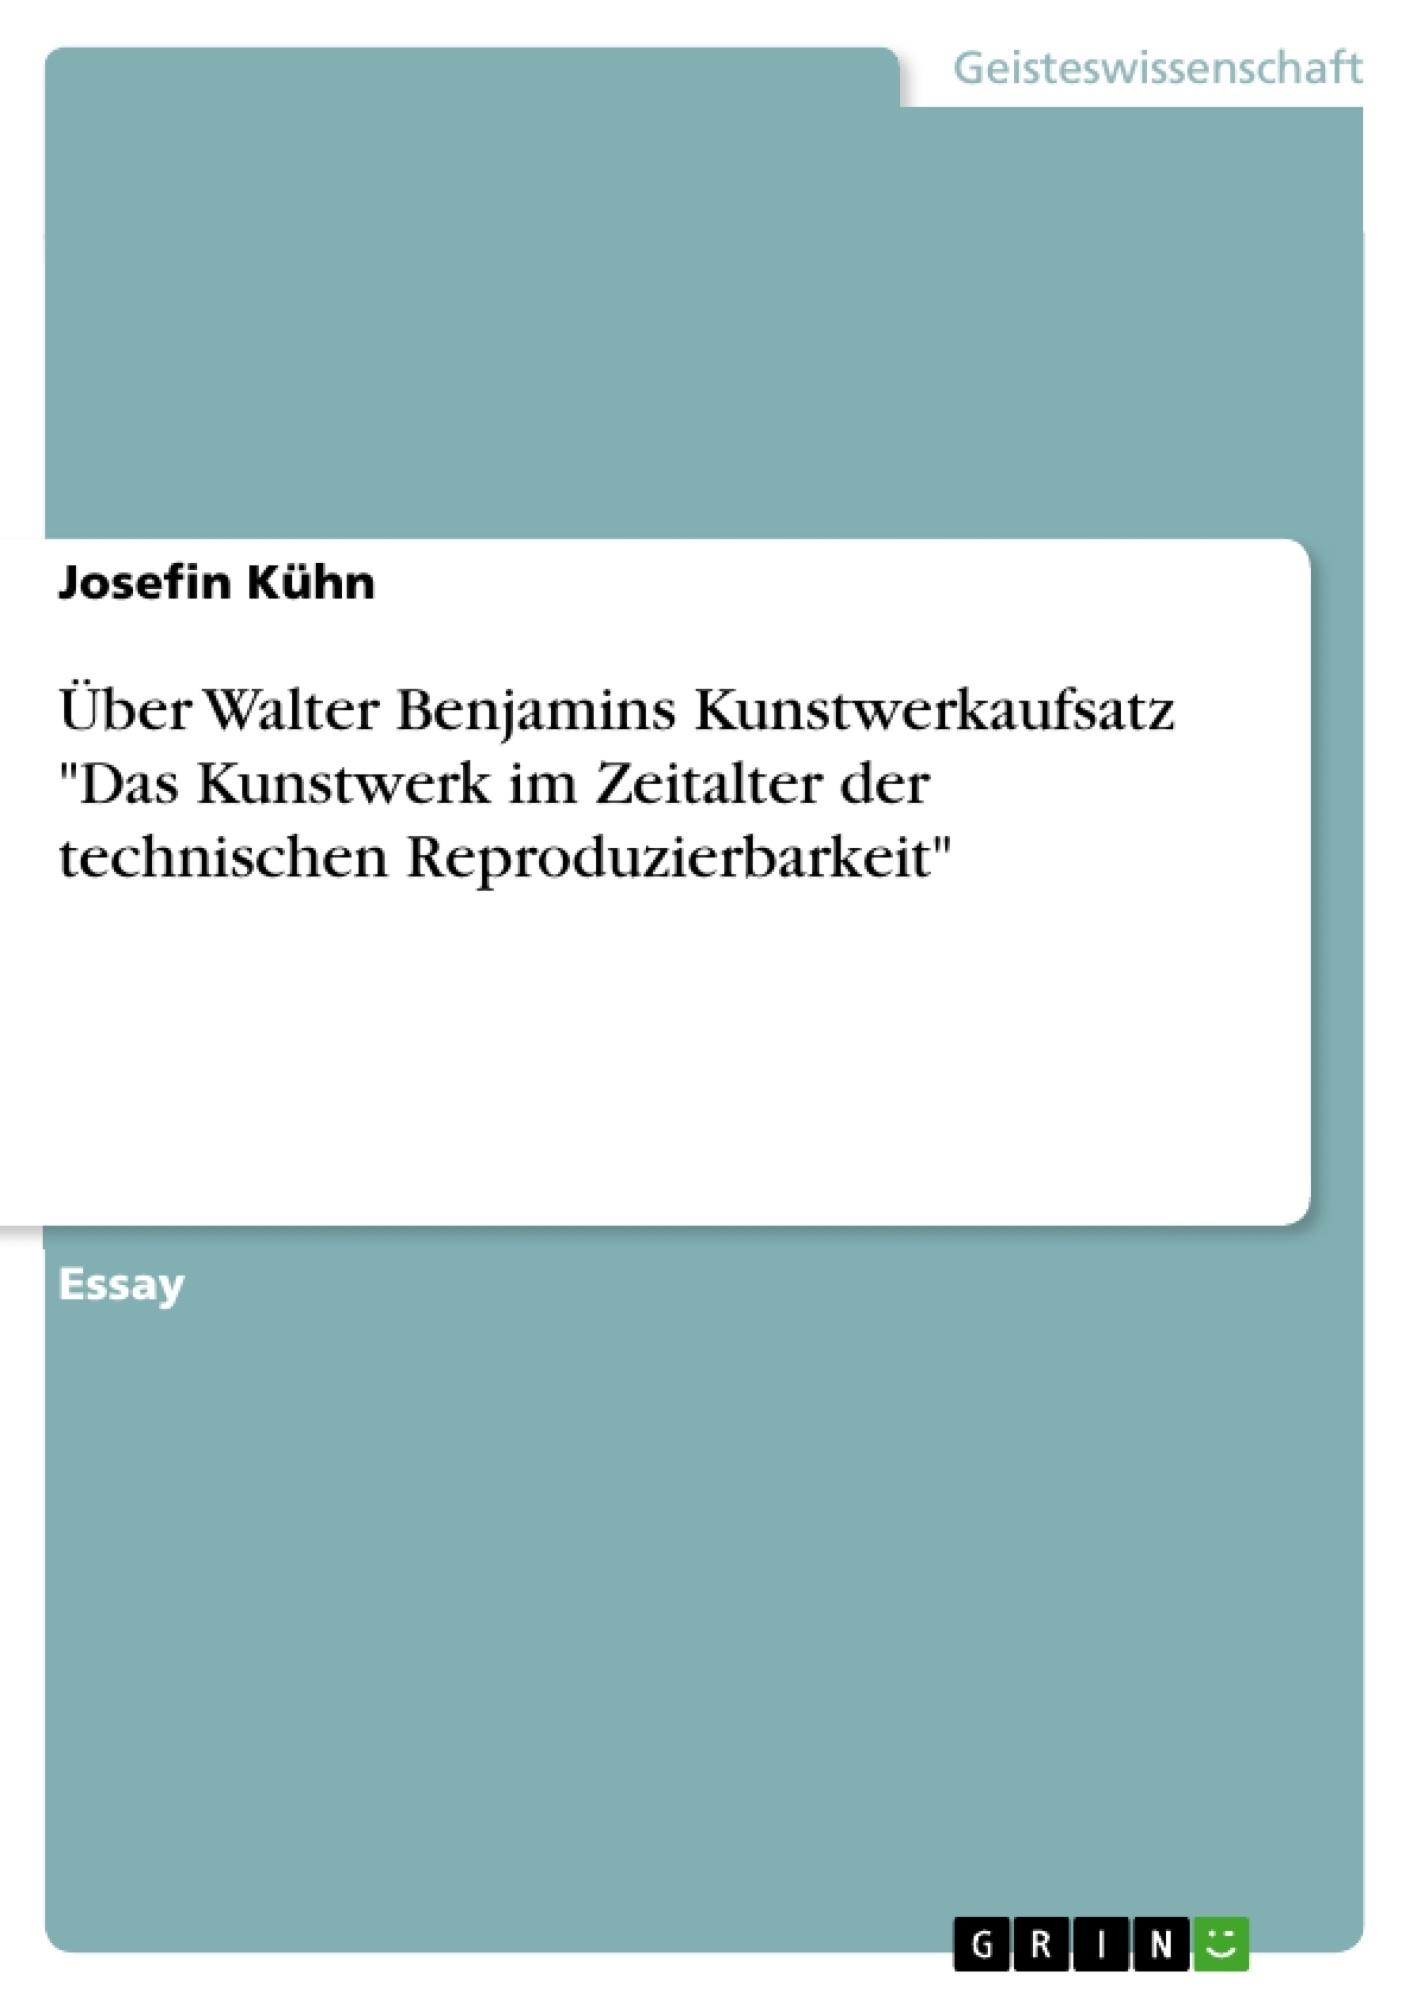 """Titel: Über Walter Benjamins Kunstwerkaufsatz """"Das Kunstwerk im Zeitalter der technischen Reproduzierbarkeit"""""""